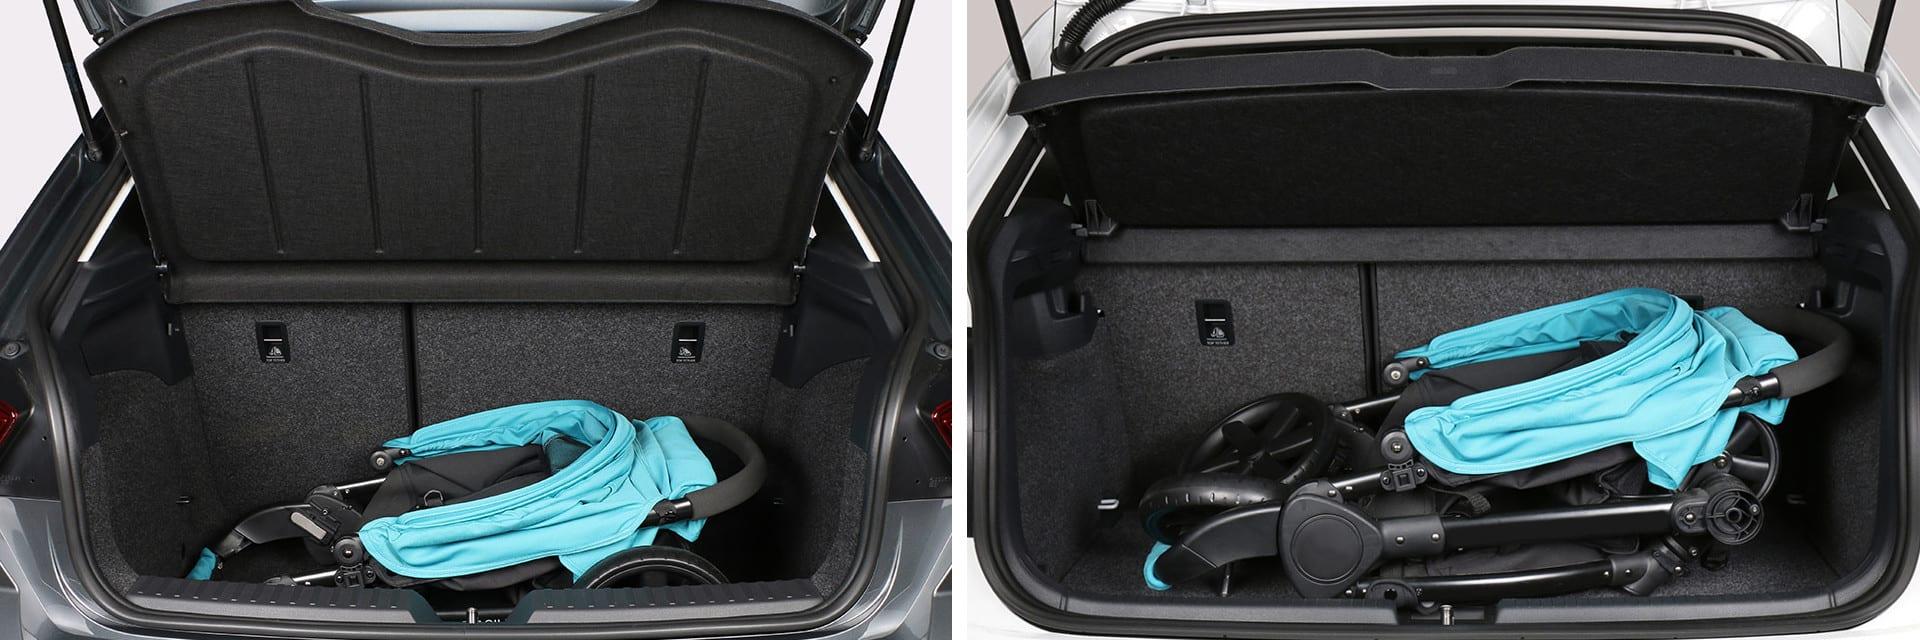 En los dos maleteros hay espacio suficiente para guardar una silla infantil y algún objeto más.